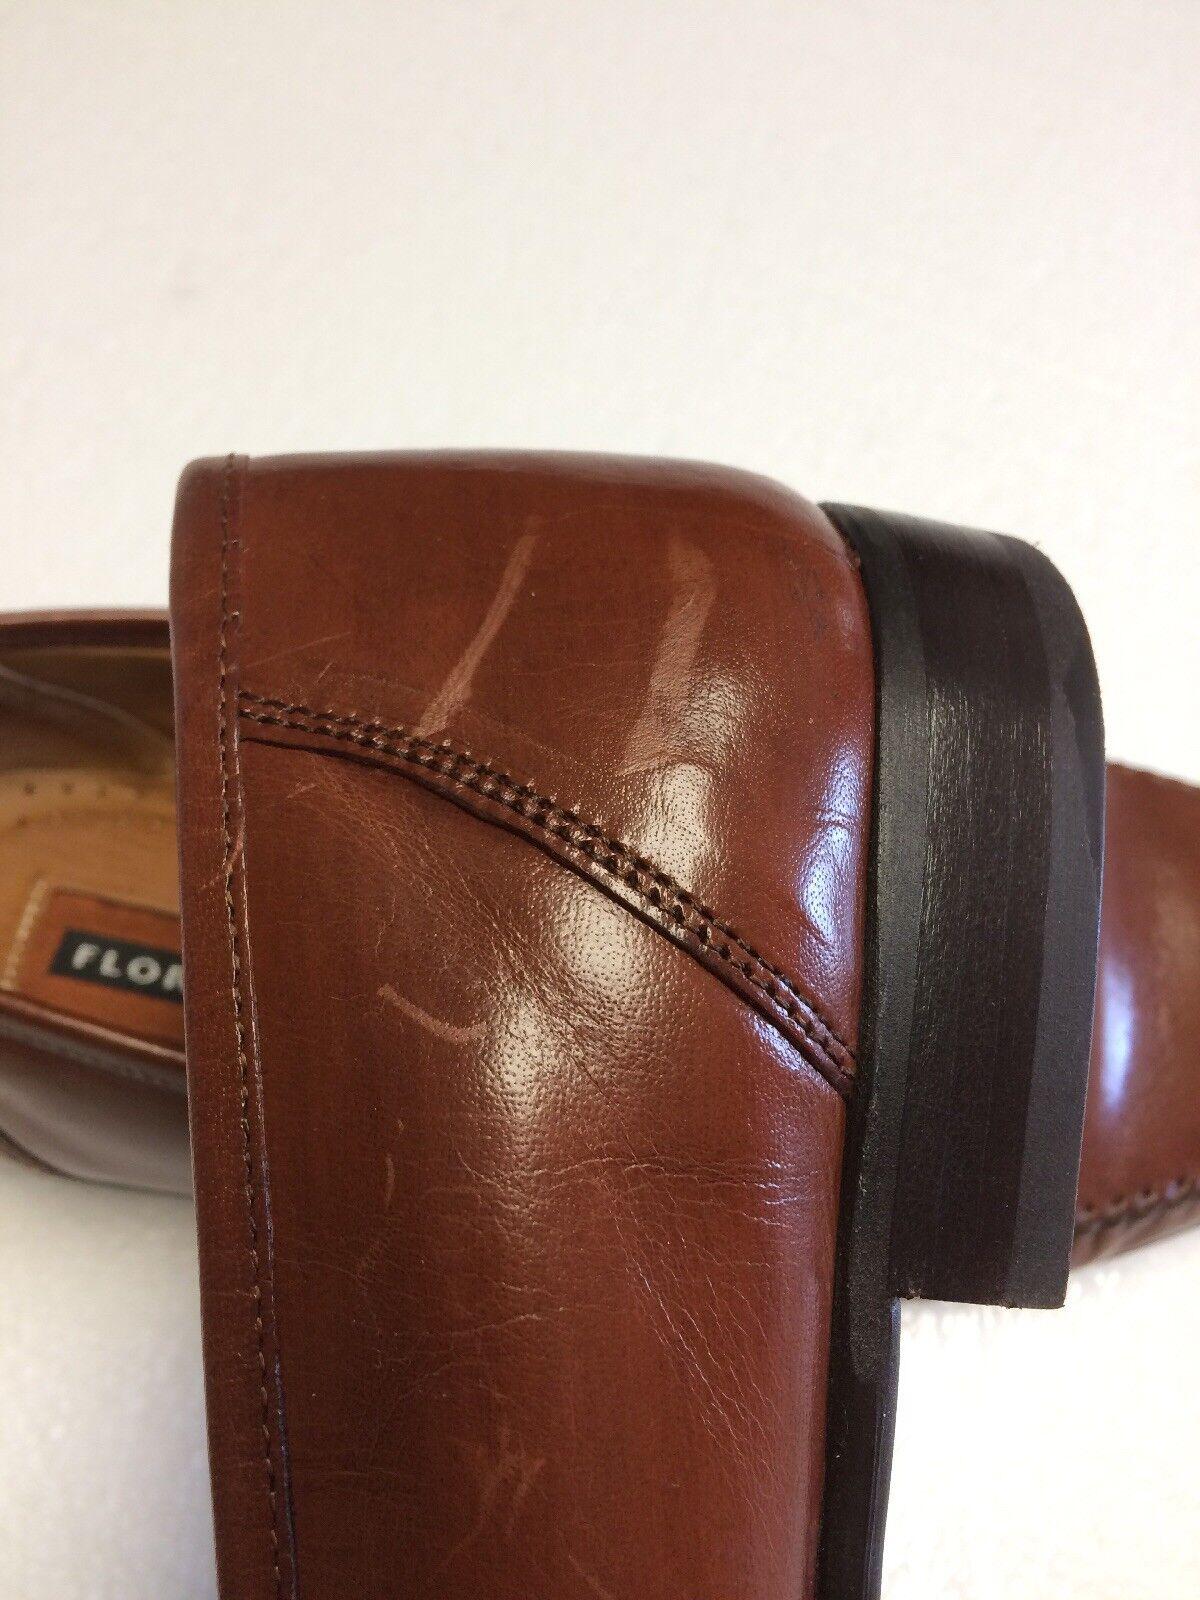 Florsheim On Men's  Cognac Braun Leder Dress Schuhes Slip On Florsheim Bit Loafers Größe 9.5D 7385a2